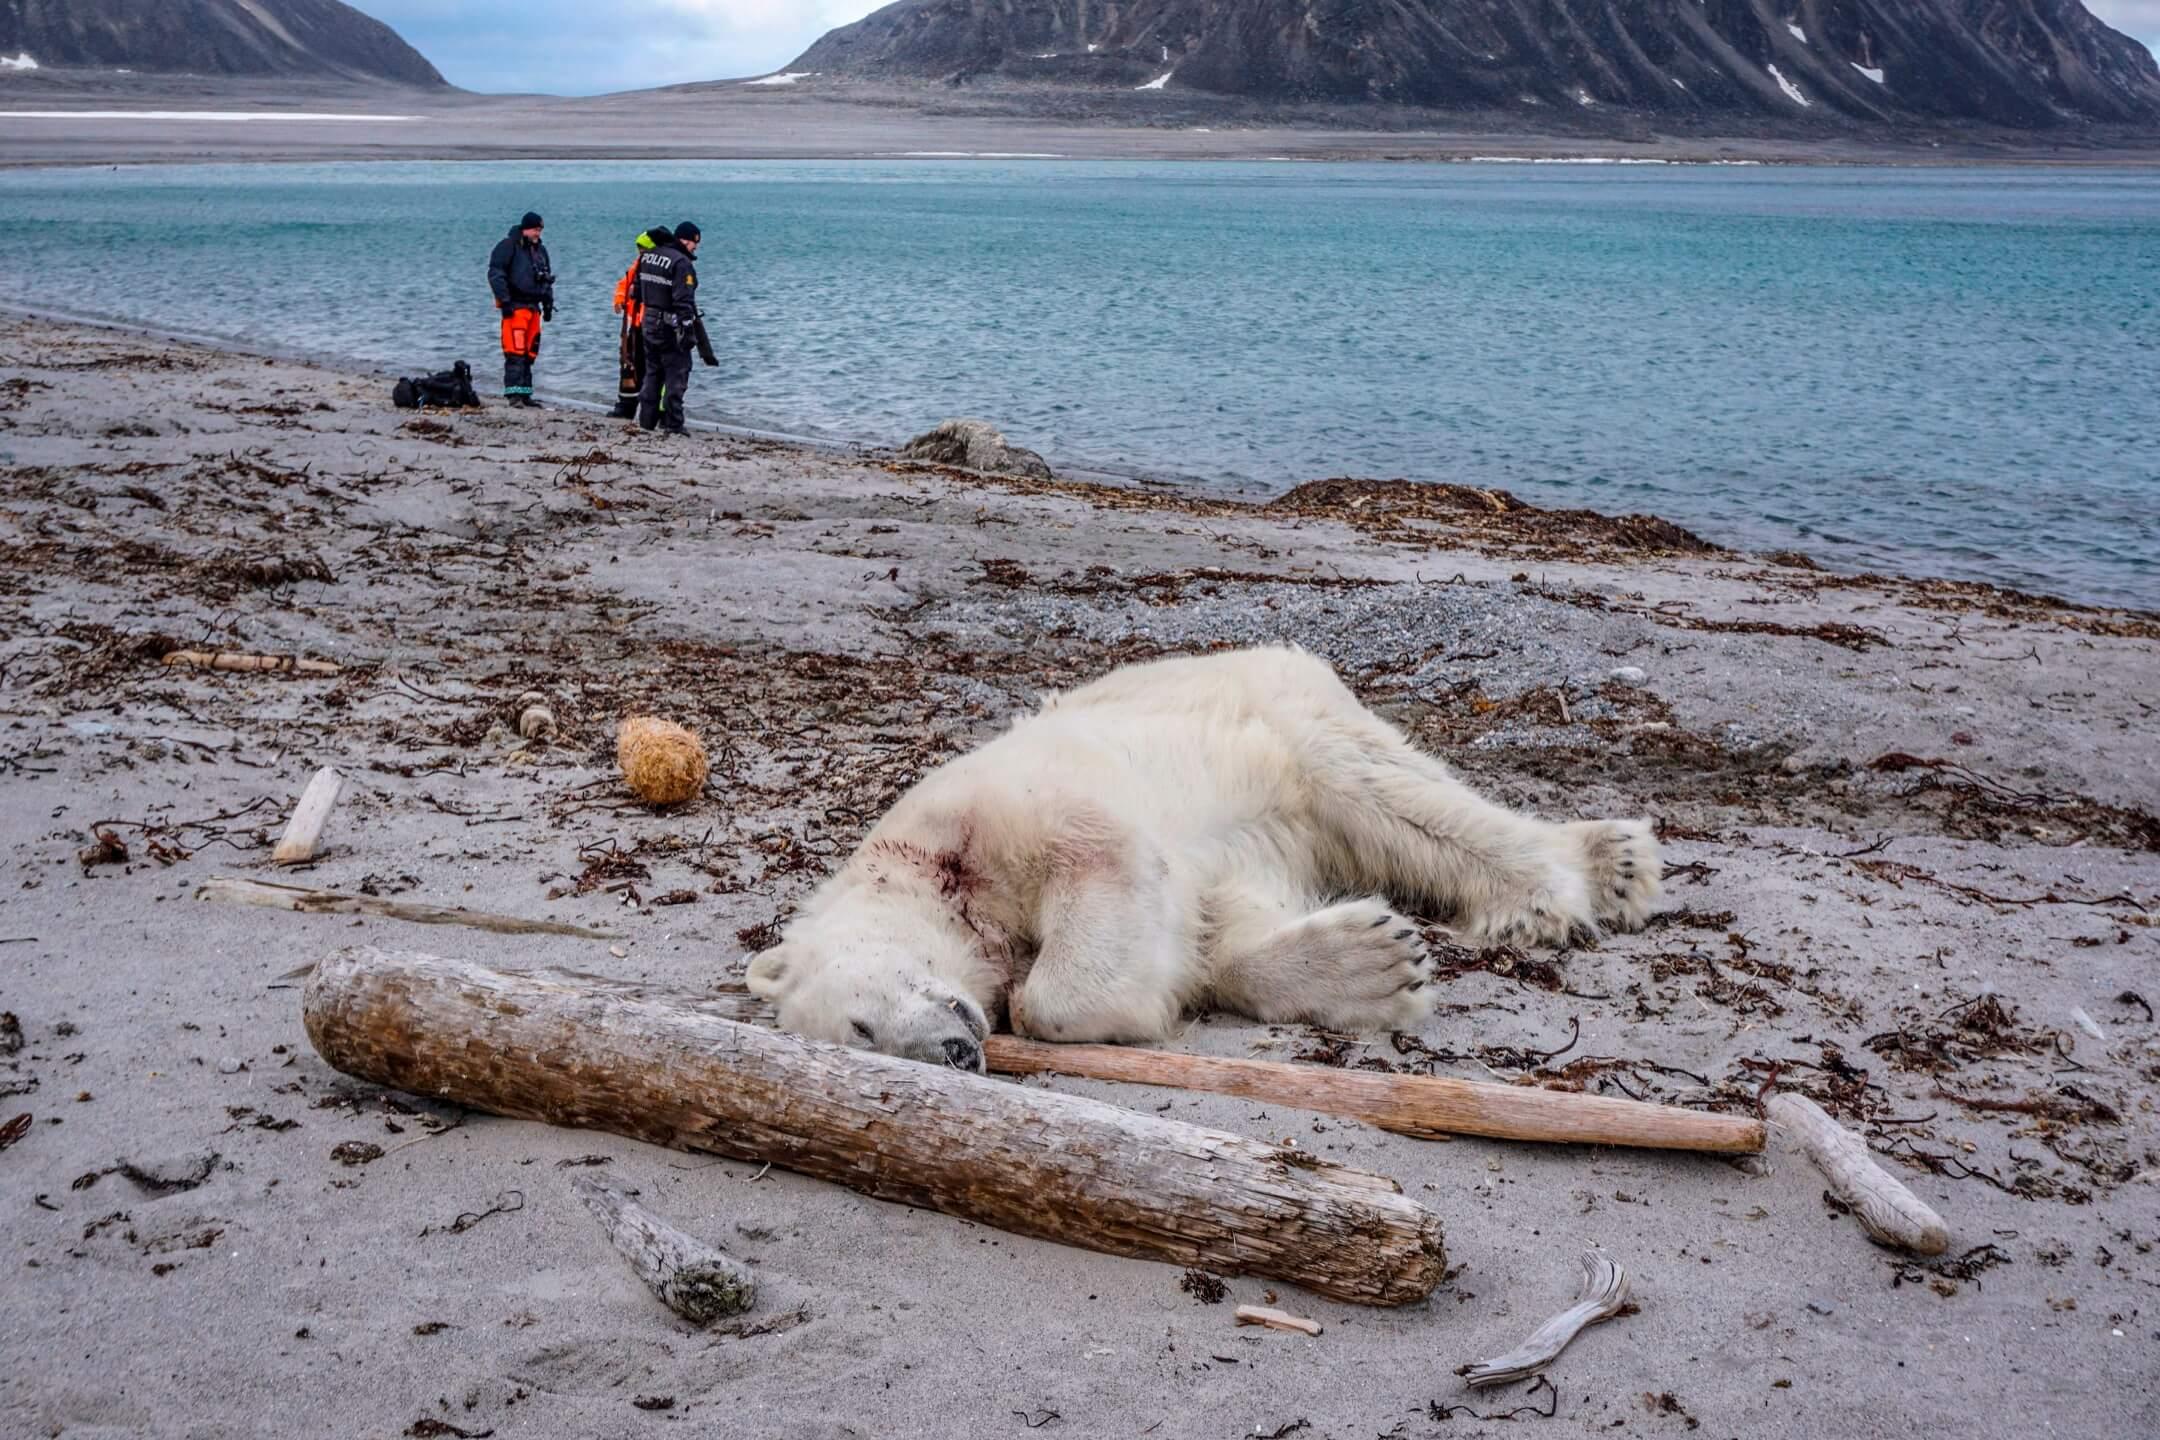 2018年7月28日,挪威斯匹茲卑爾根島以北的一個海灘,一頭北極熊被一名船員射殺。挪威有關部門稱,一名MS Bremen 遊輪的船員帶領遊客下船遊歷時被該頭北極熊襲擊,另一位船員為保護同事而射殺北極熊。